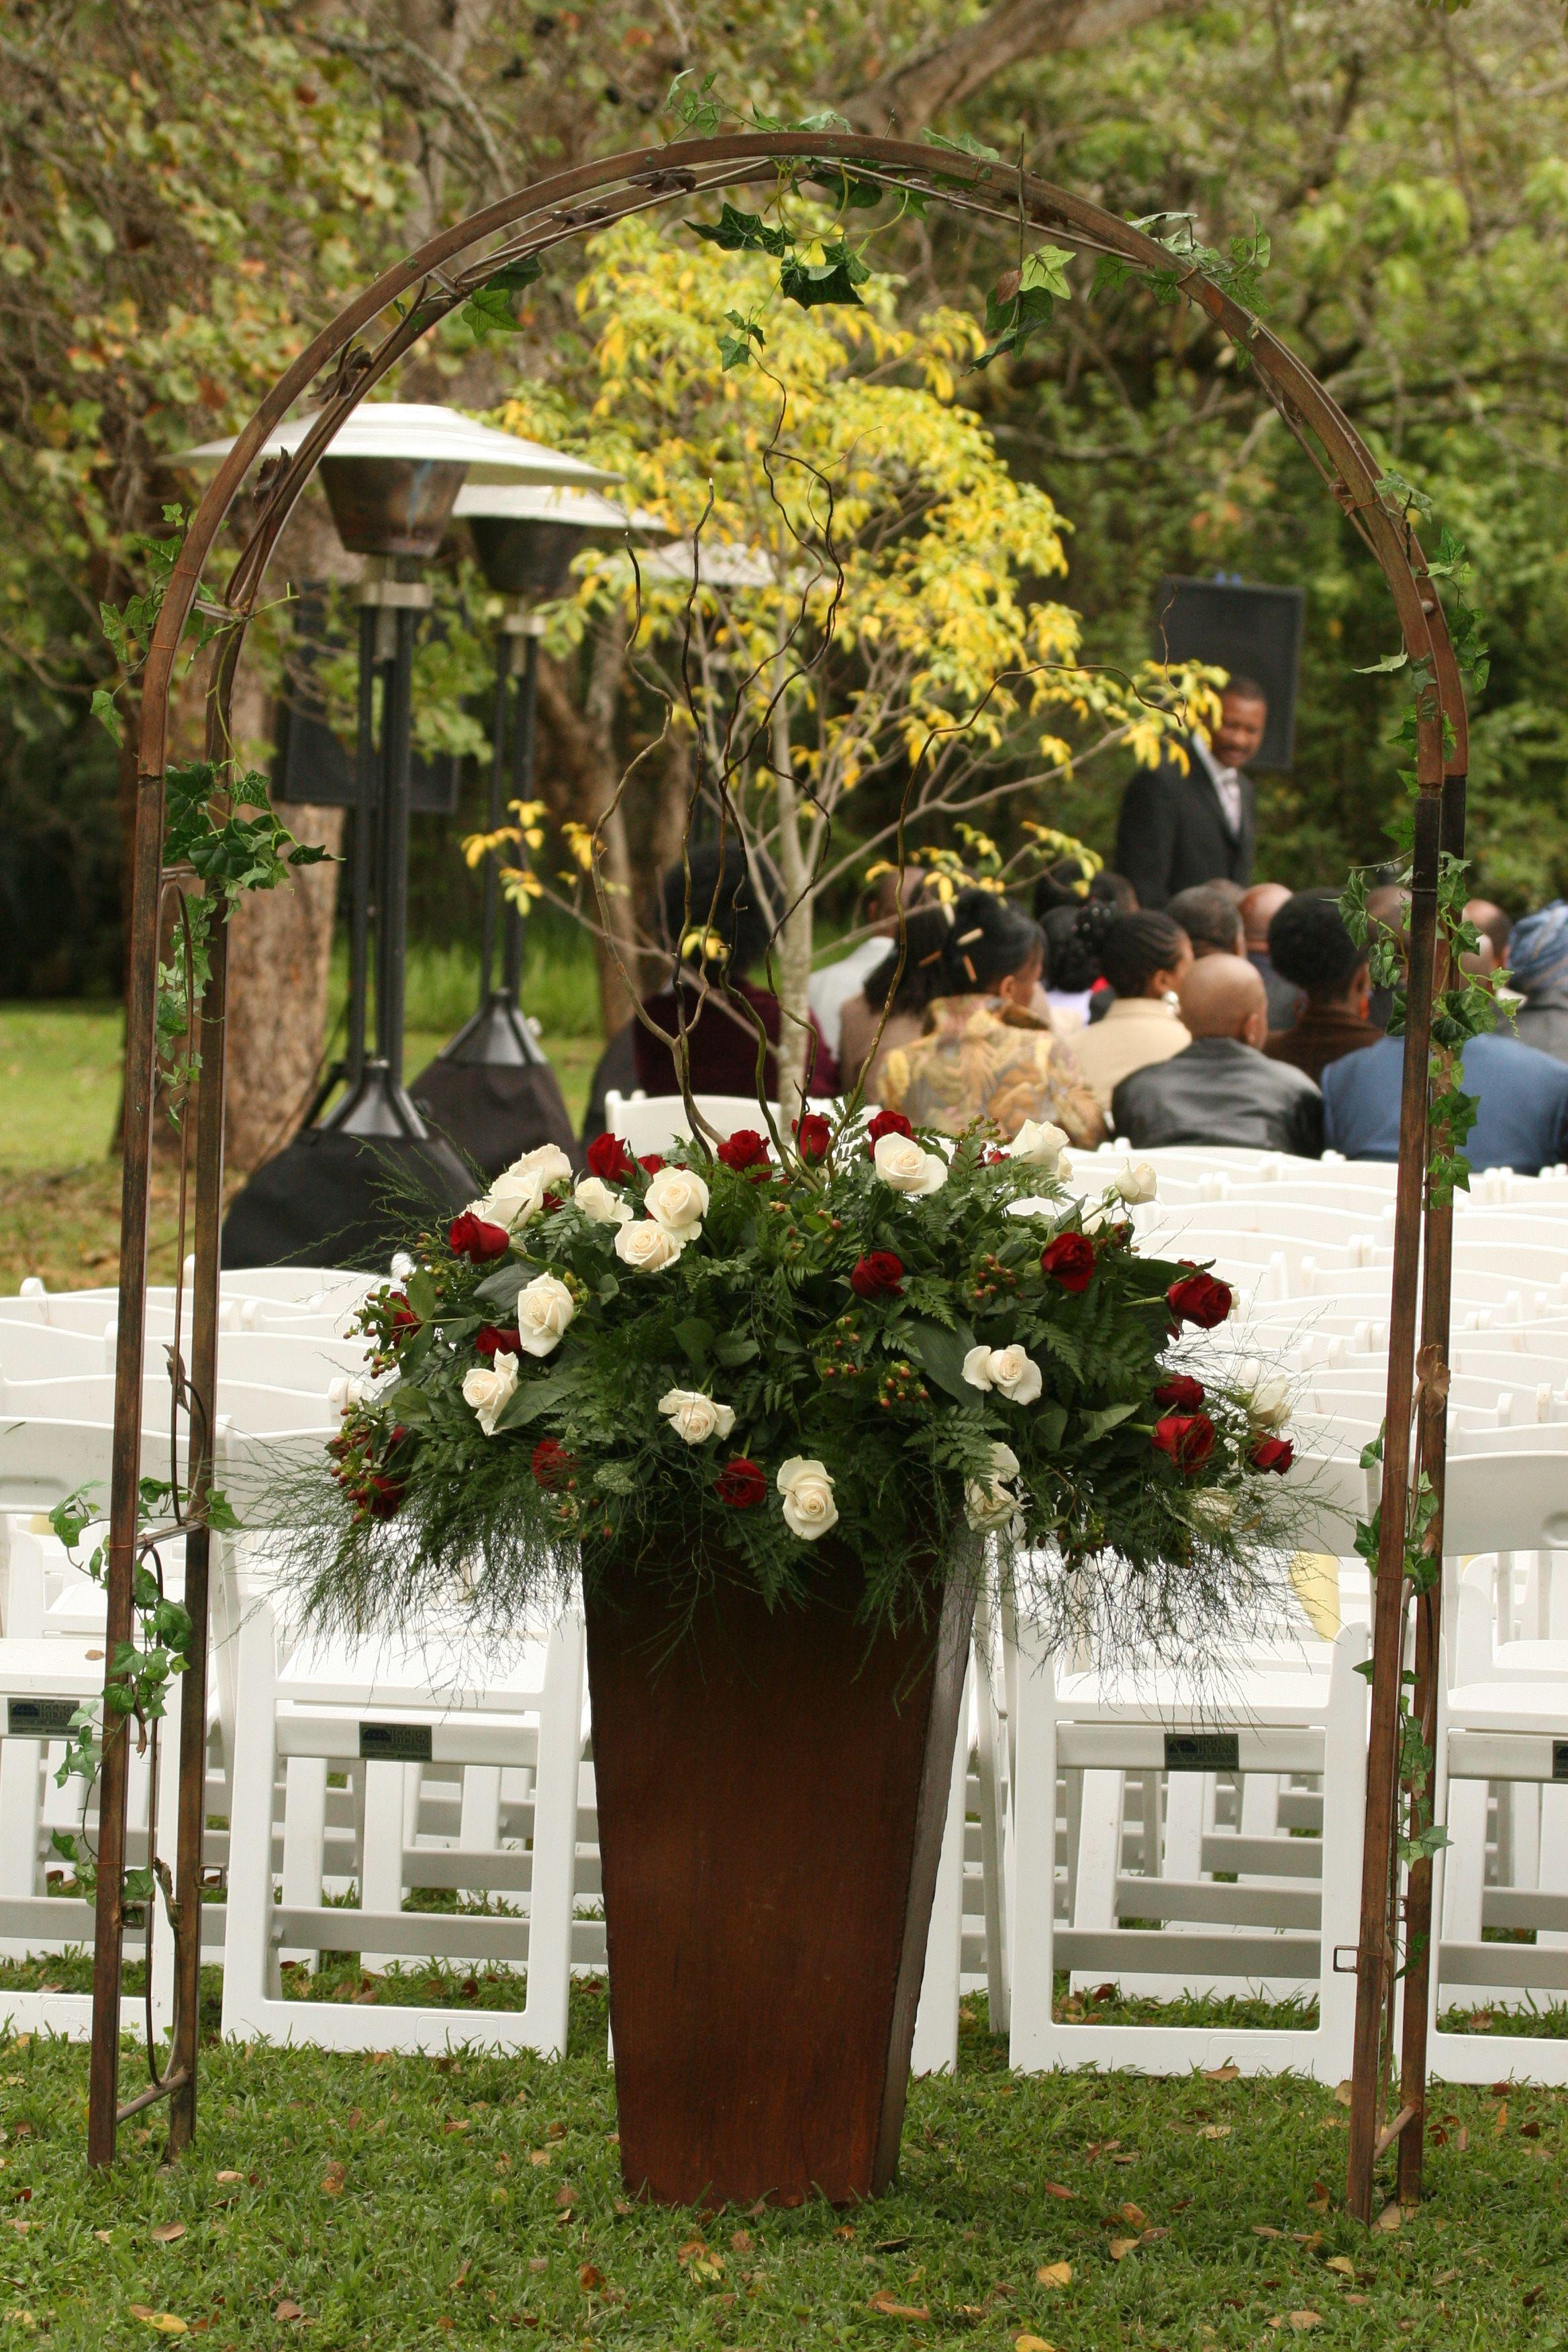 Garden Trellis For Wedding 5 Tips for the Perfect Outdoor Wedding ...